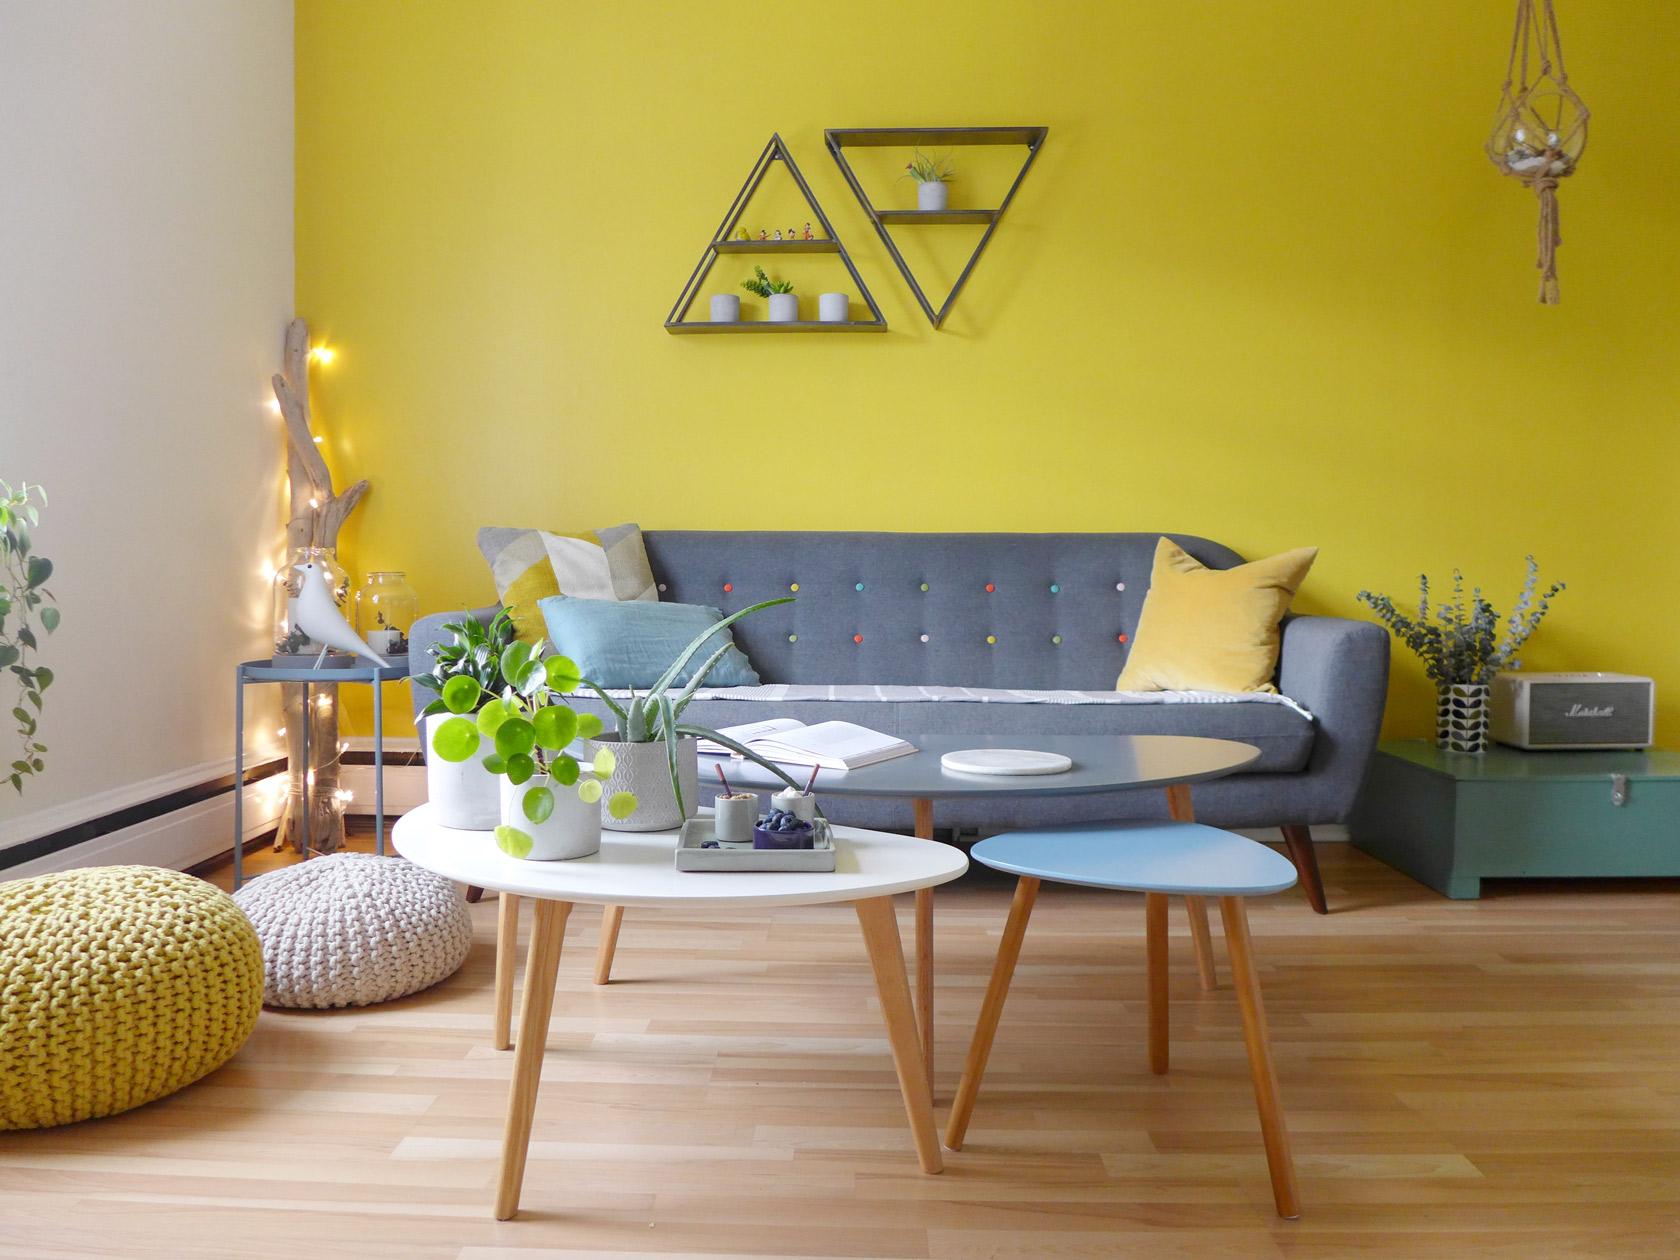 Réalisation du studio d'architecture et de décoration Skéa Designer. Jaune soleil. Le mur jaune du salon illumine la pièce.